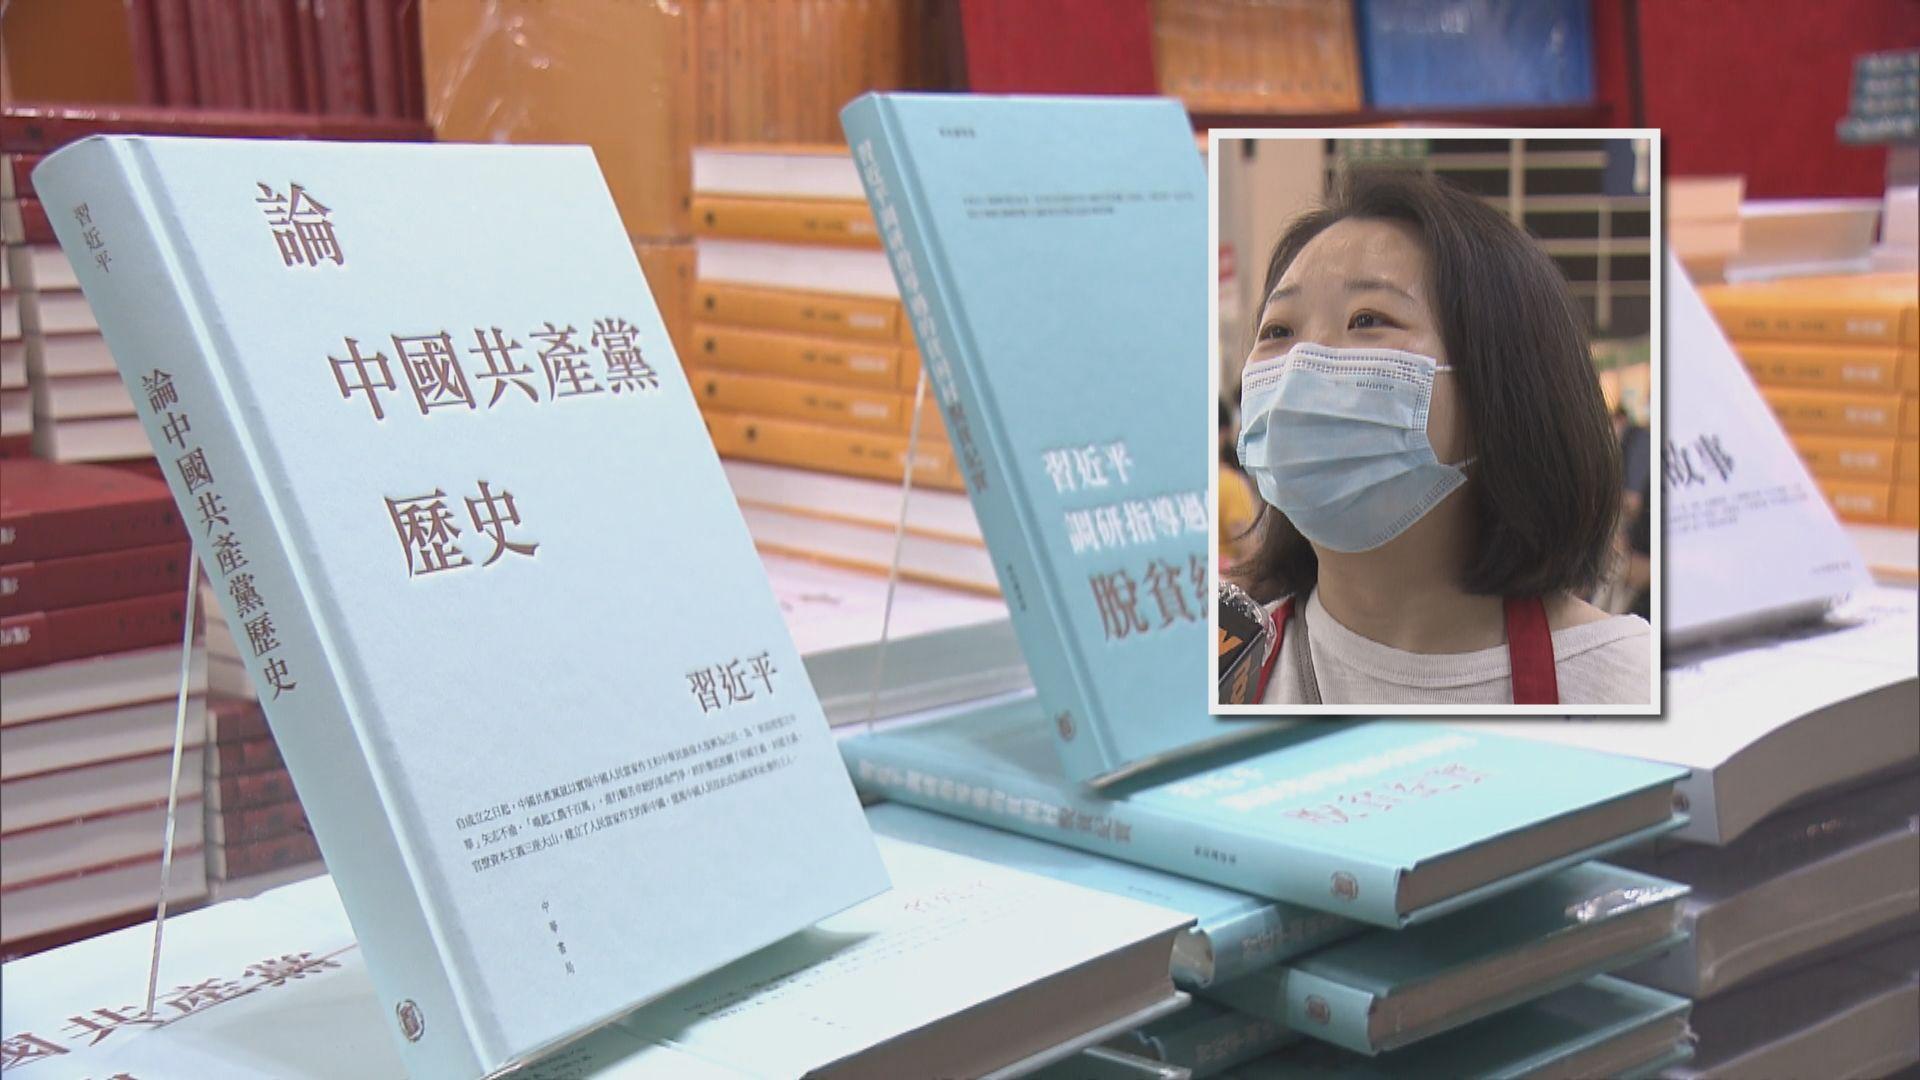 【國安法下書展】有市民感關於政治書籍選擇減少